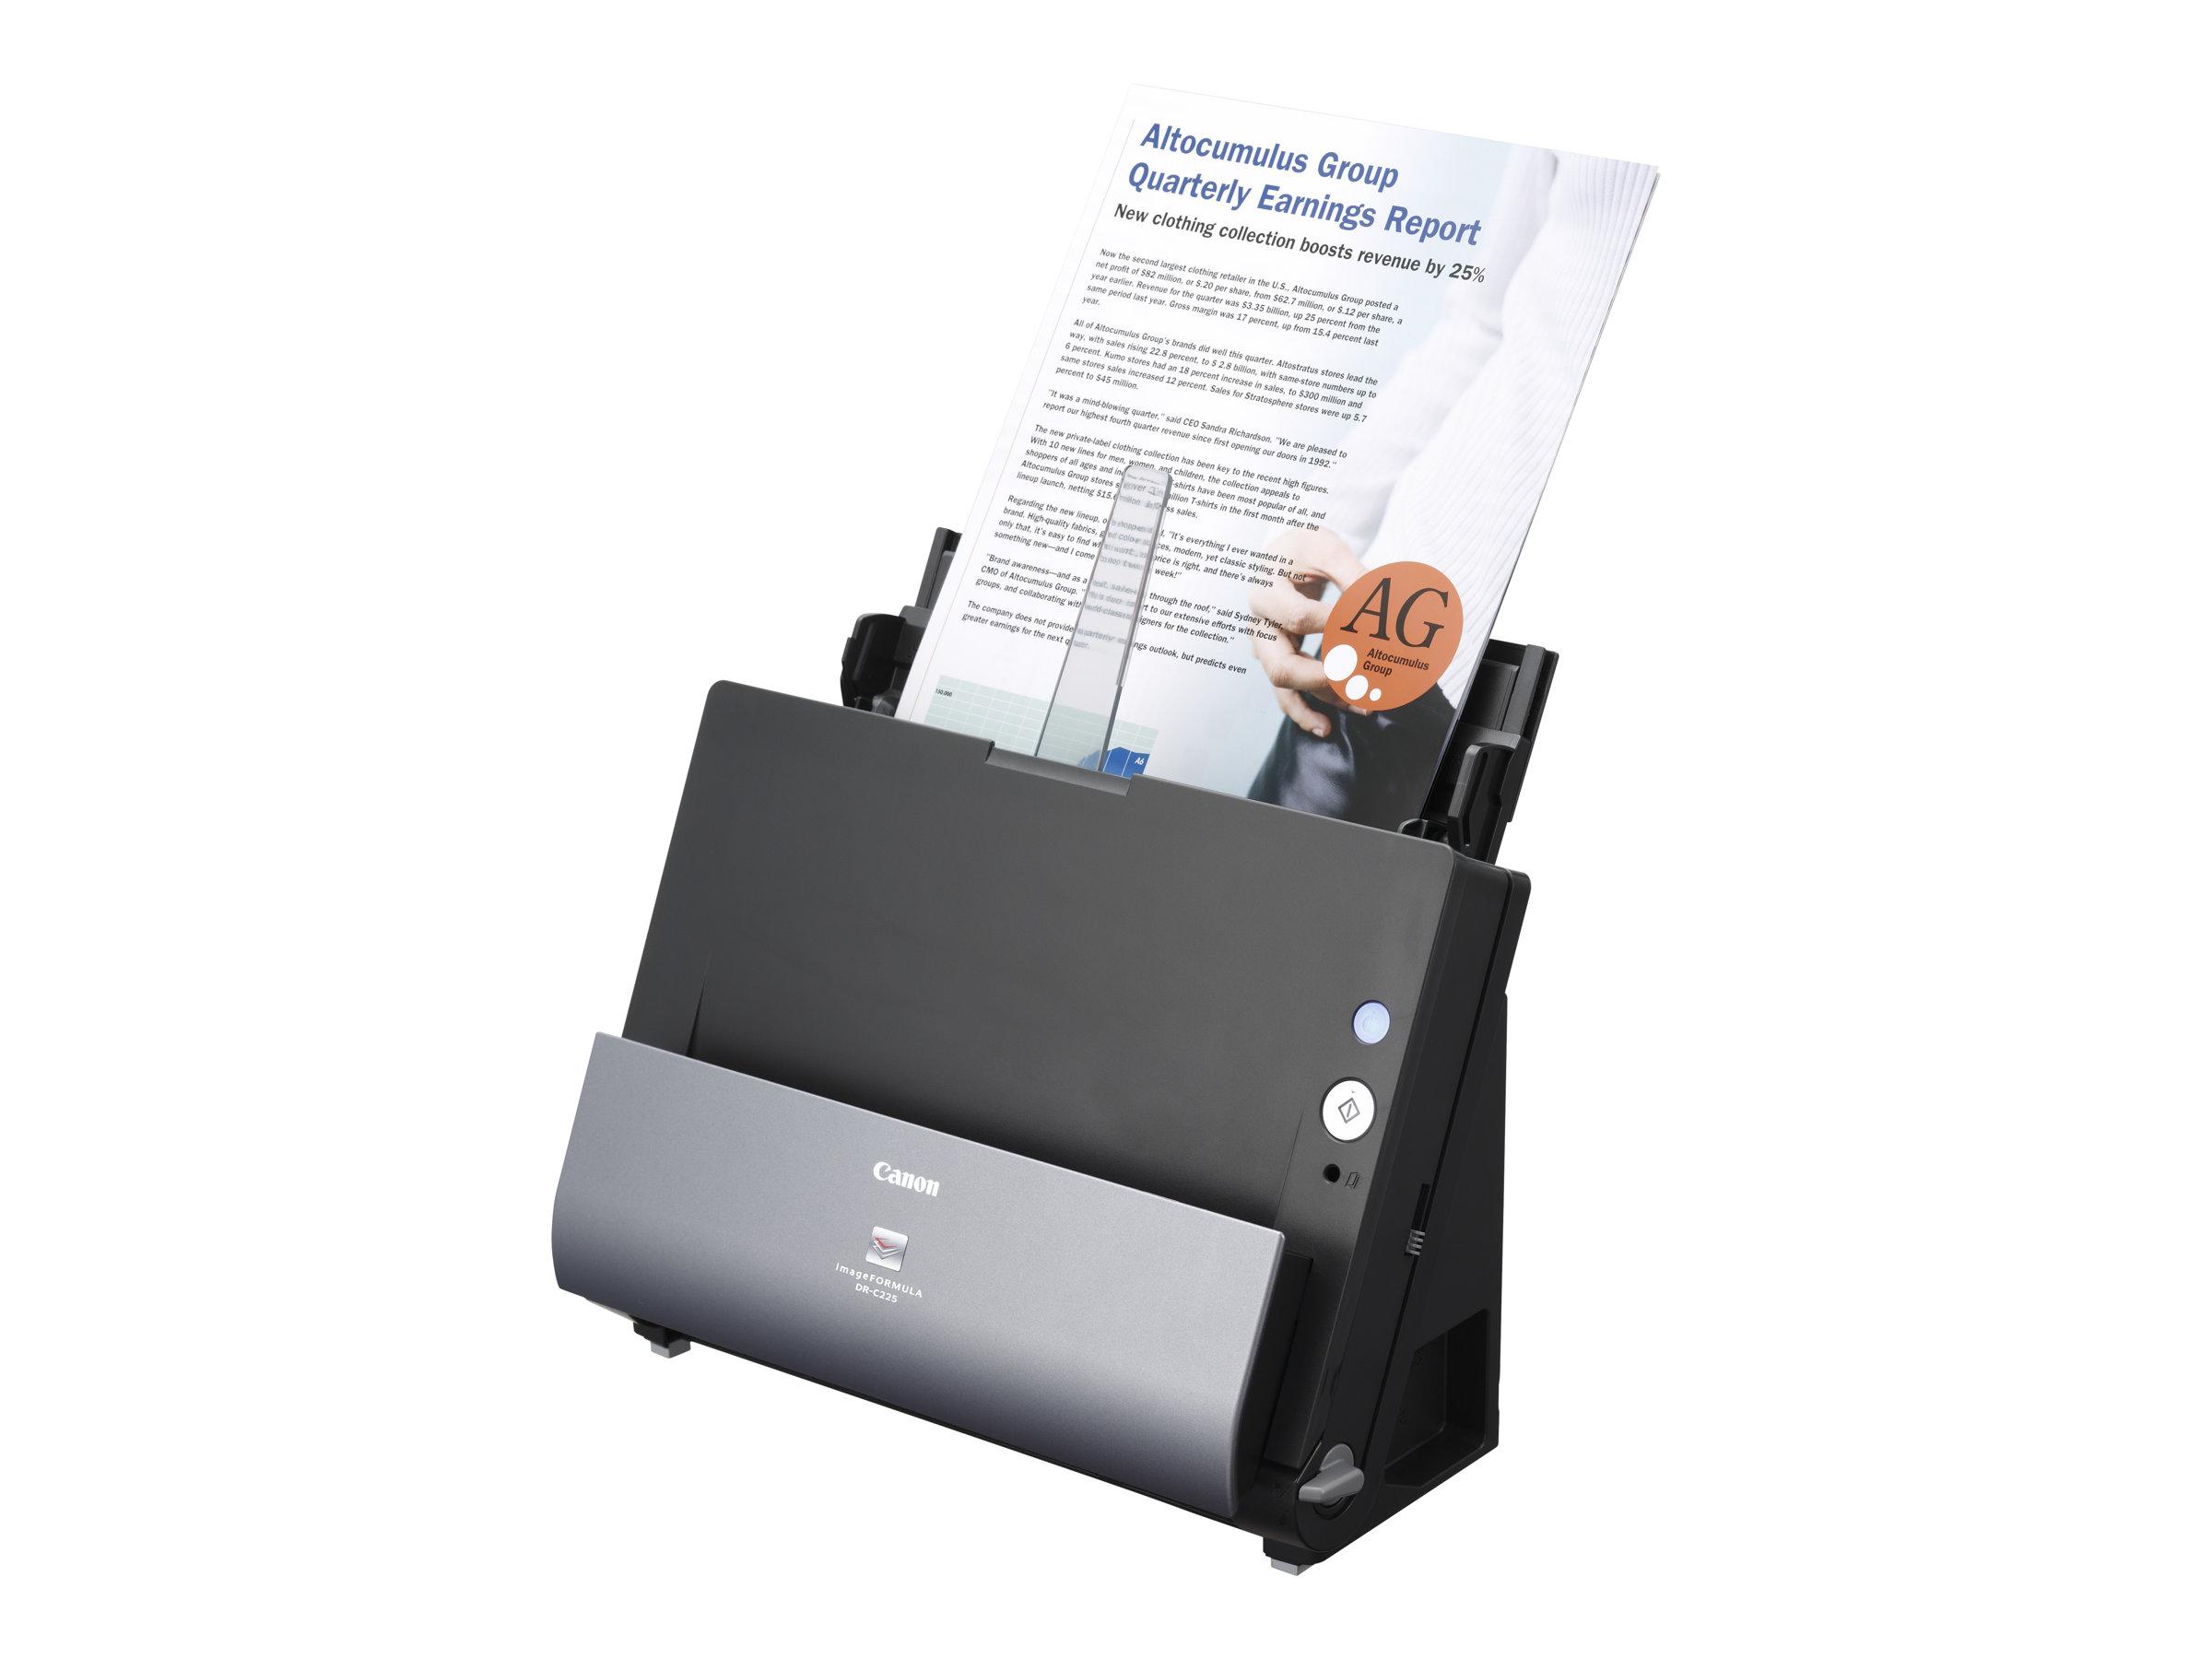 Imageformula dr c225w ii dokumentenscanner duplex 600 dpi x 600 dpi bis zu 25 seiten min einfarbig bis zu 25 seiten min farbe automatischer dokumenteneinzug 30 blaetter 9348482 3259c003